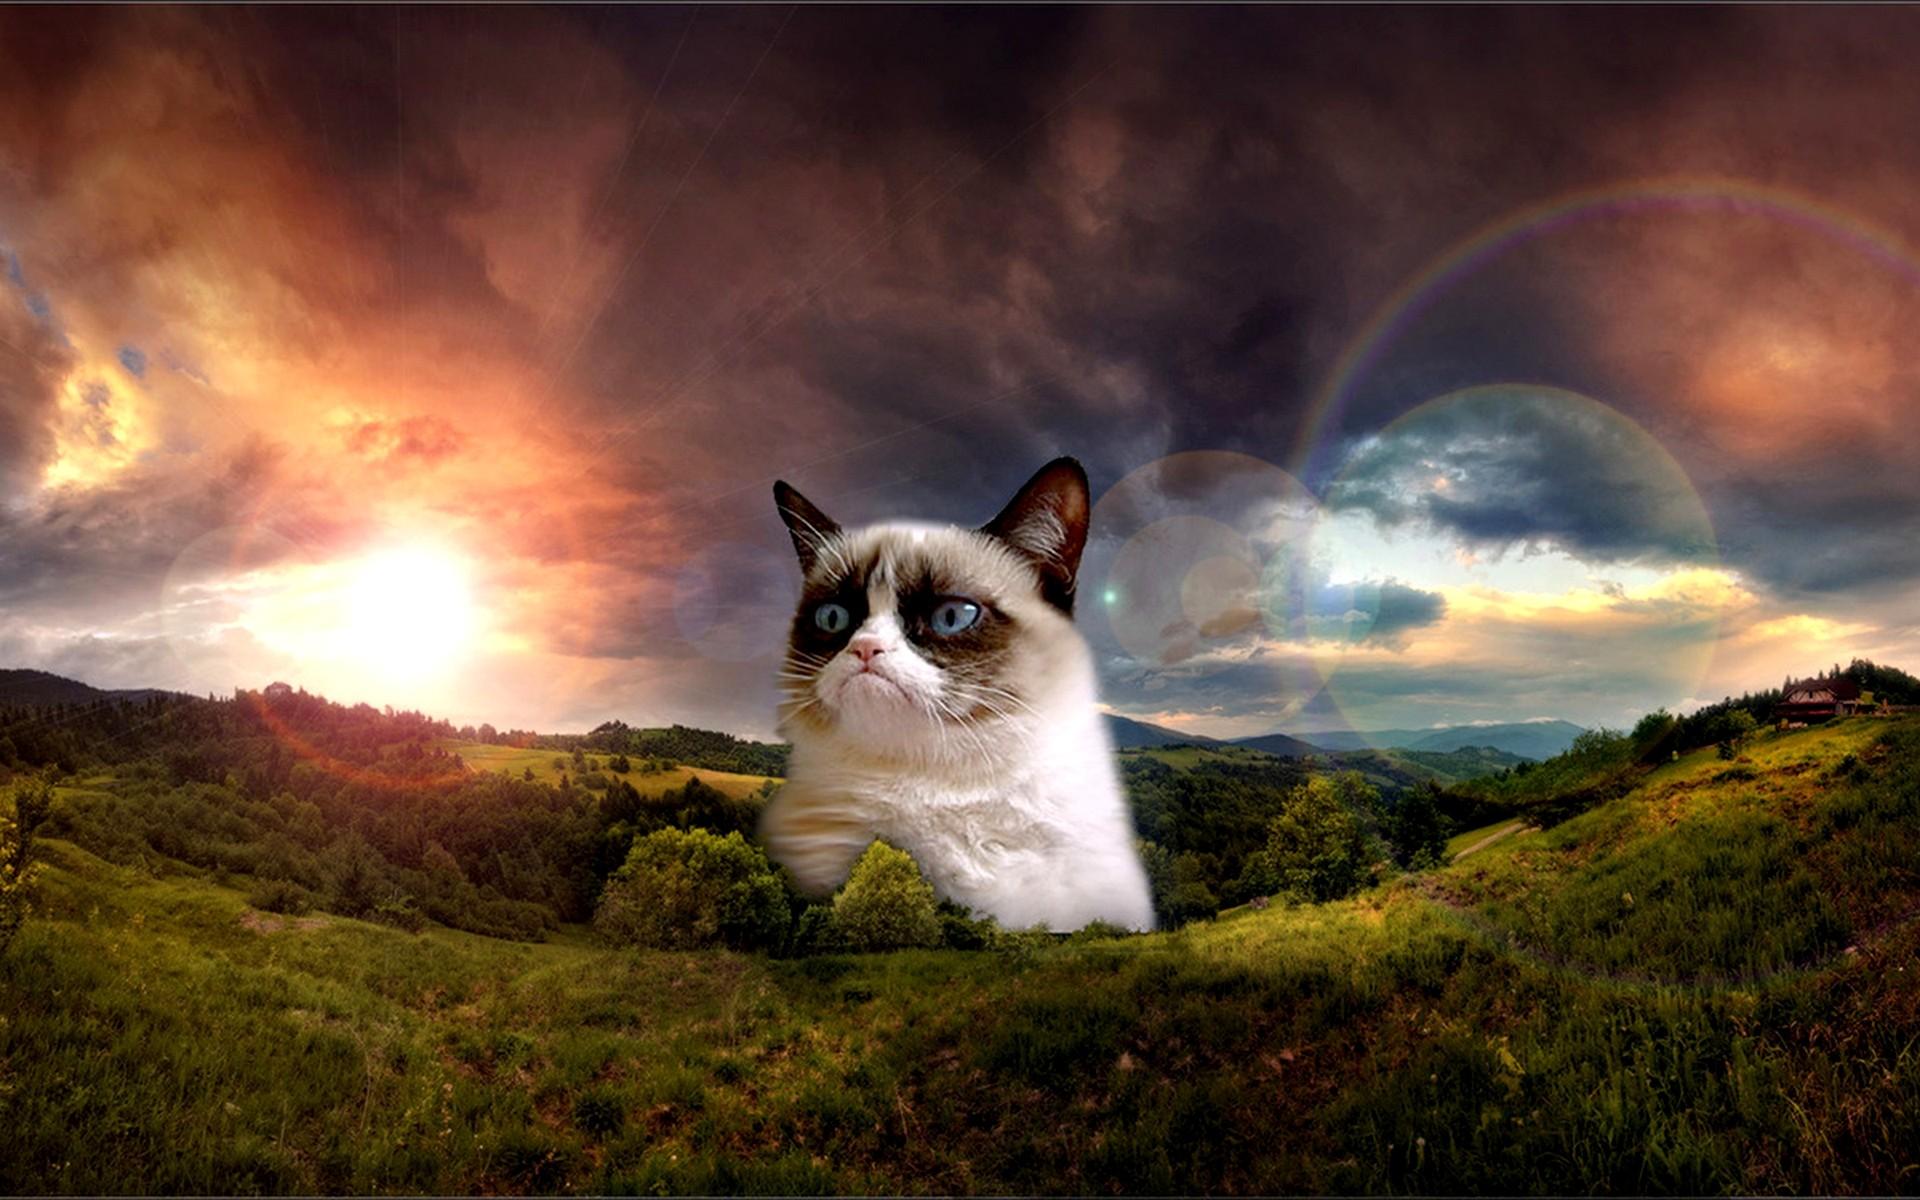 Grumpy Cat. Grumpy Cat No Wallpaper